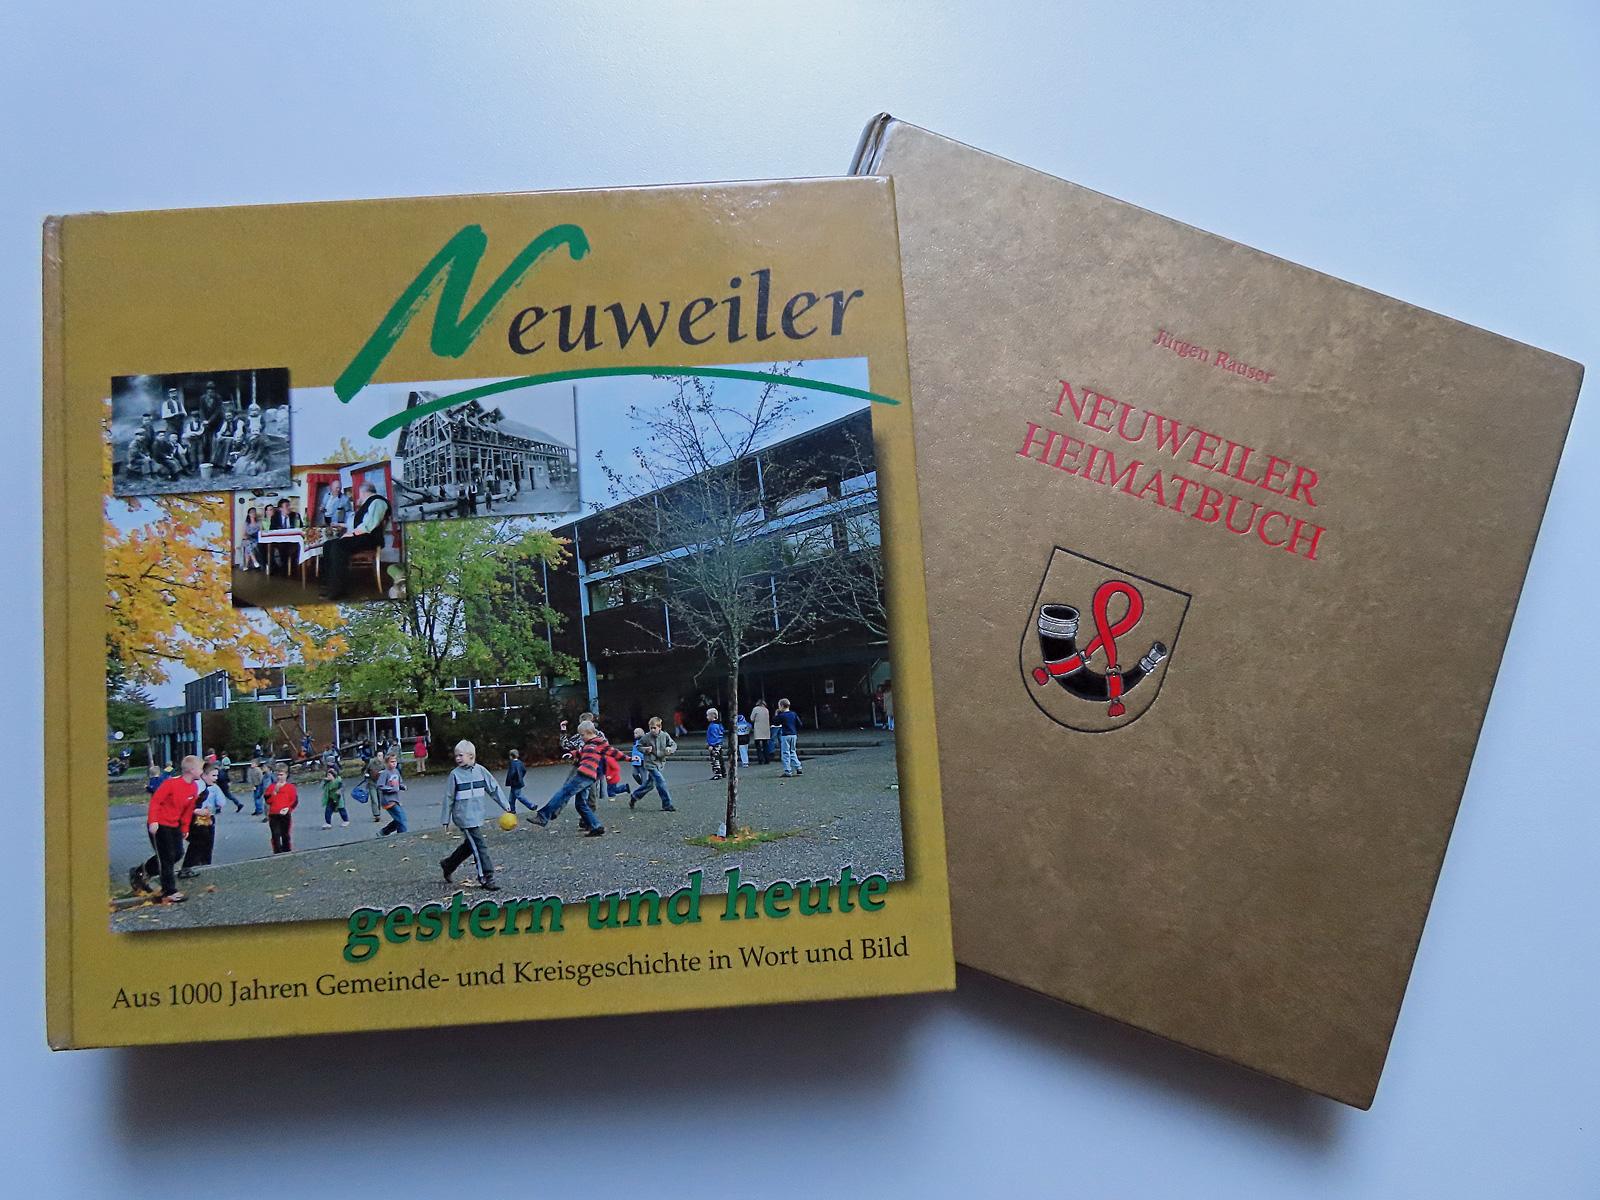 Abbildung neues und altes Heimatbuch